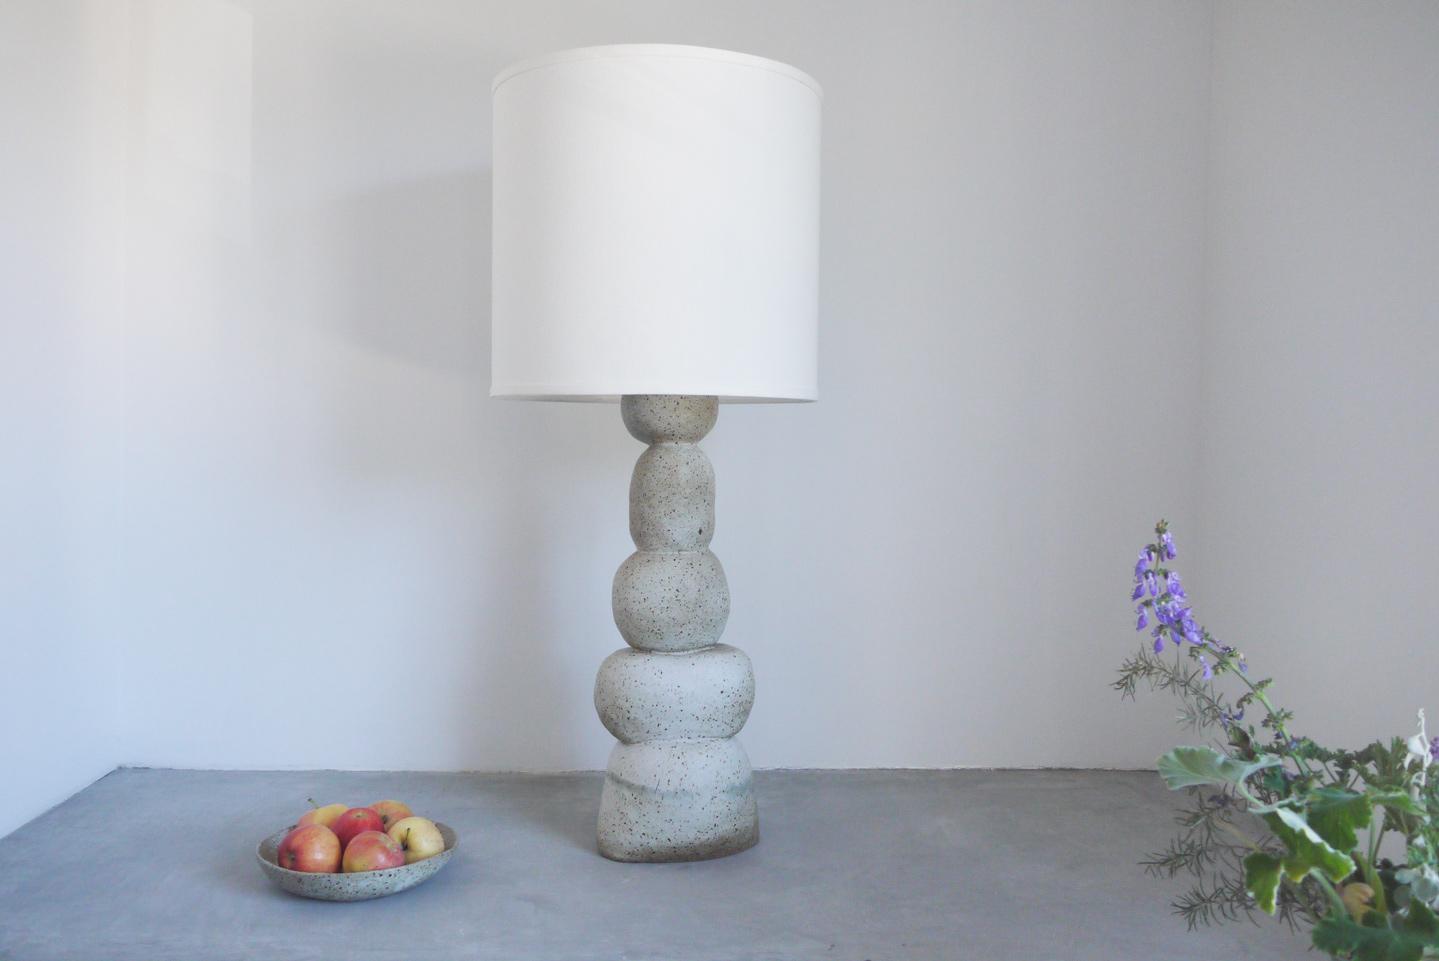 Bobble-Lamp_Daytime_P1040130.jpg